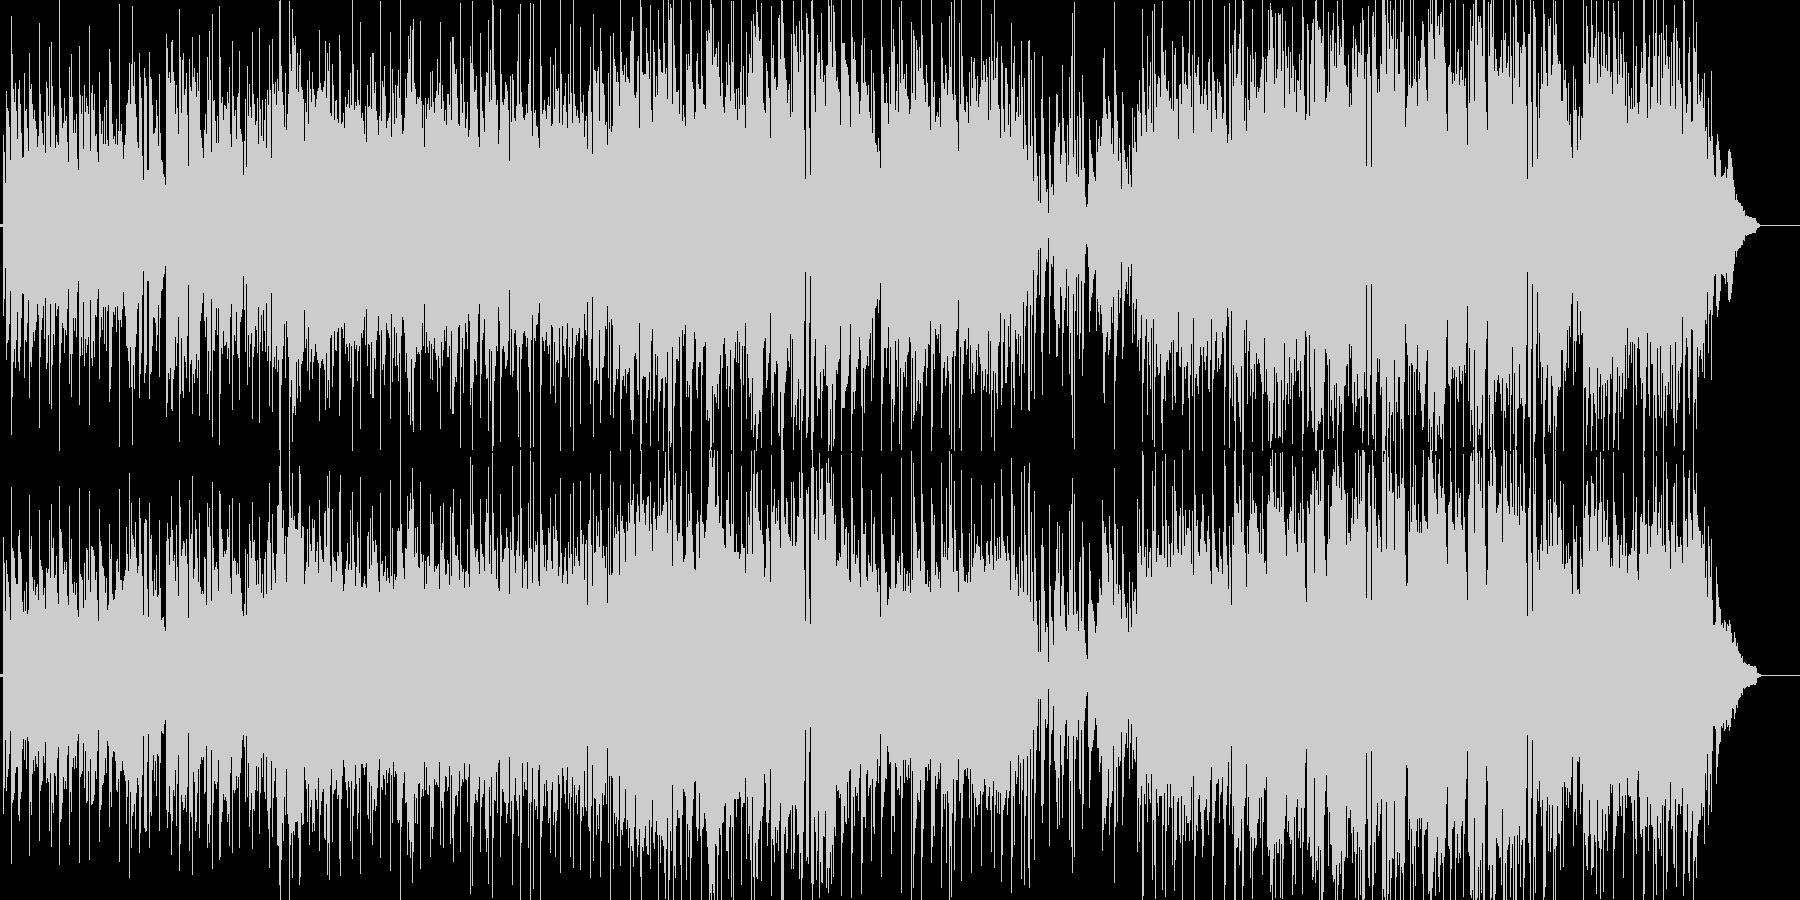 甘くとろけるようなメロディのバラードの未再生の波形